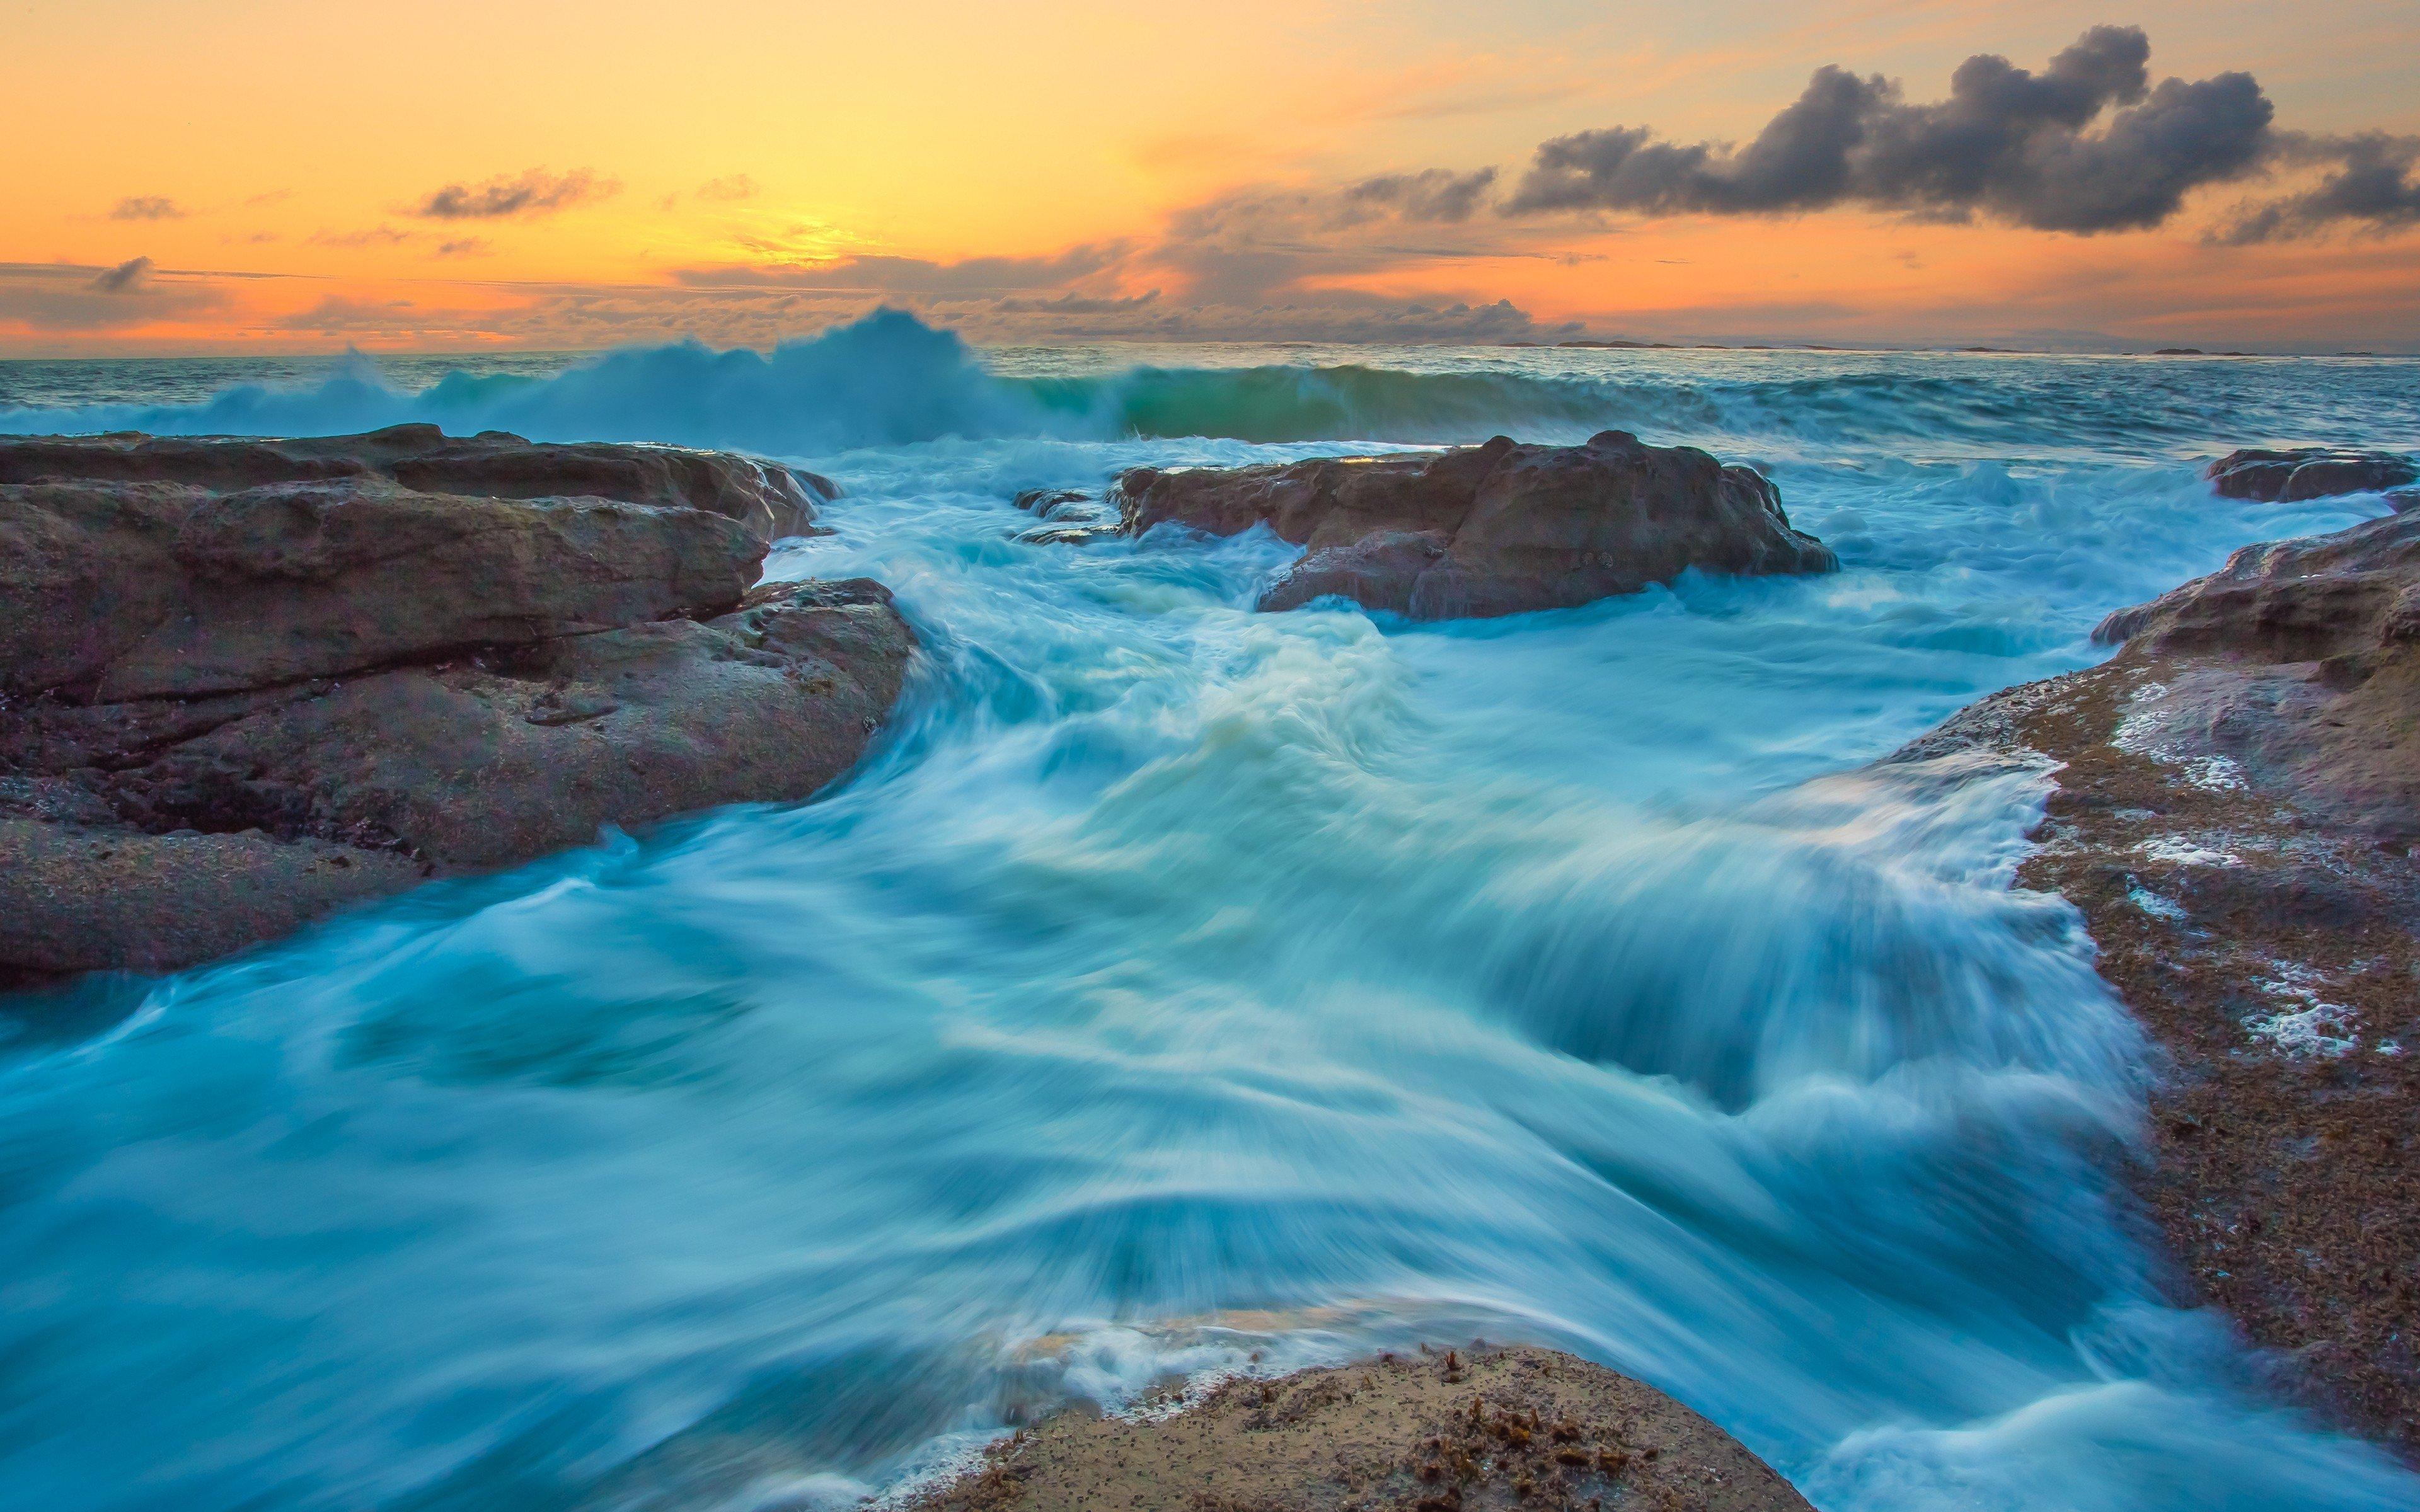 очень красивые картинки океана нужно